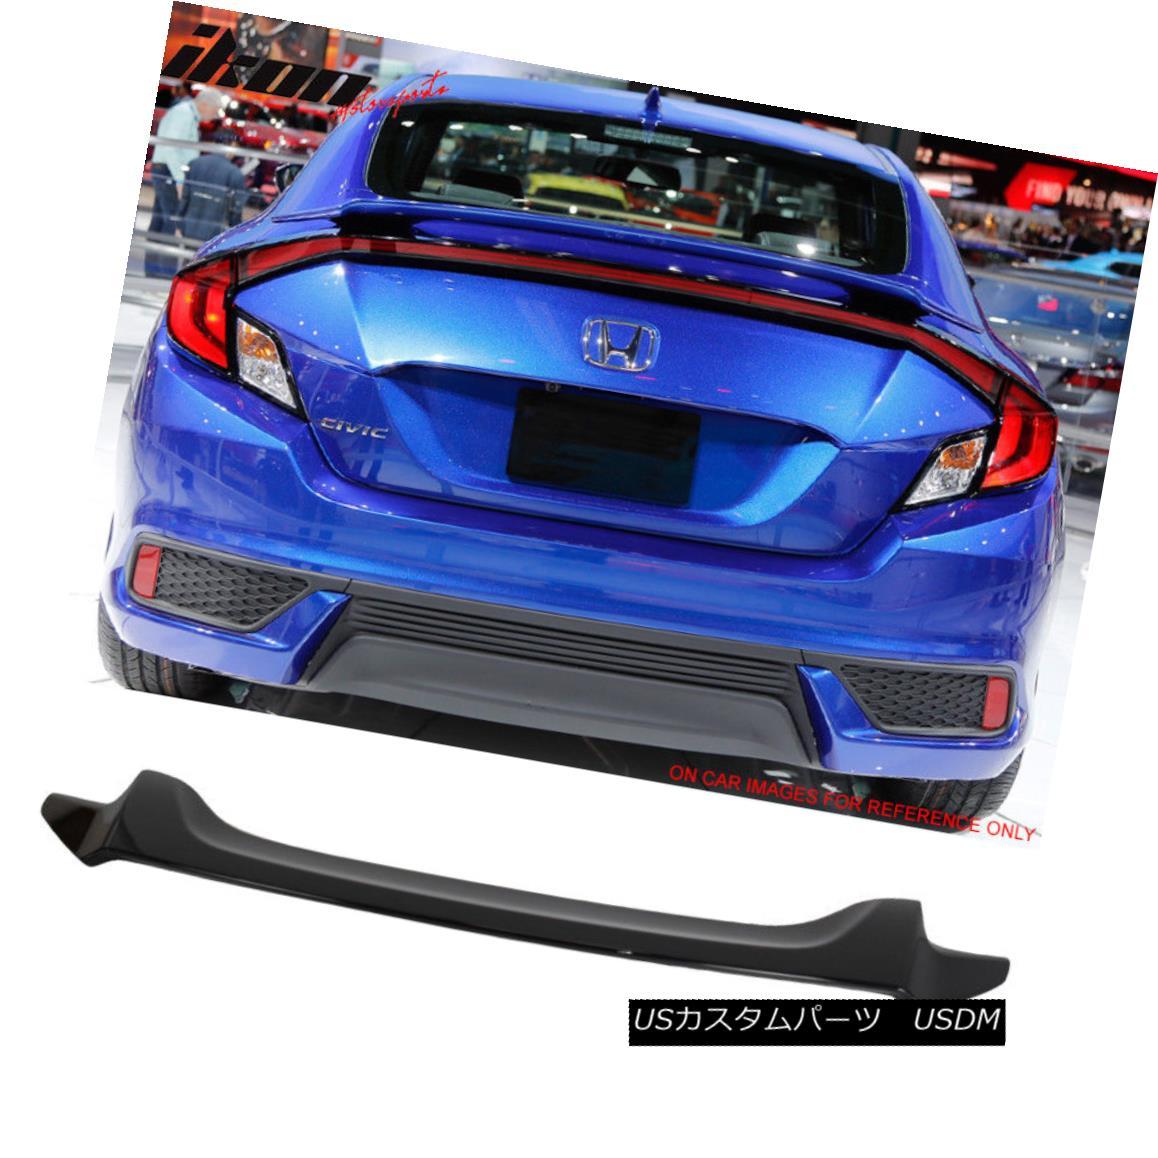 エアロパーツ Fit 16-18 Civic X 10th Coupe OE Trunk Spoiler Painted NH731P Crystal Black Pearl フィット16-18シビックX 10クーペOEトランクスポイラーNH731Pクリスタルブラックパールを塗装